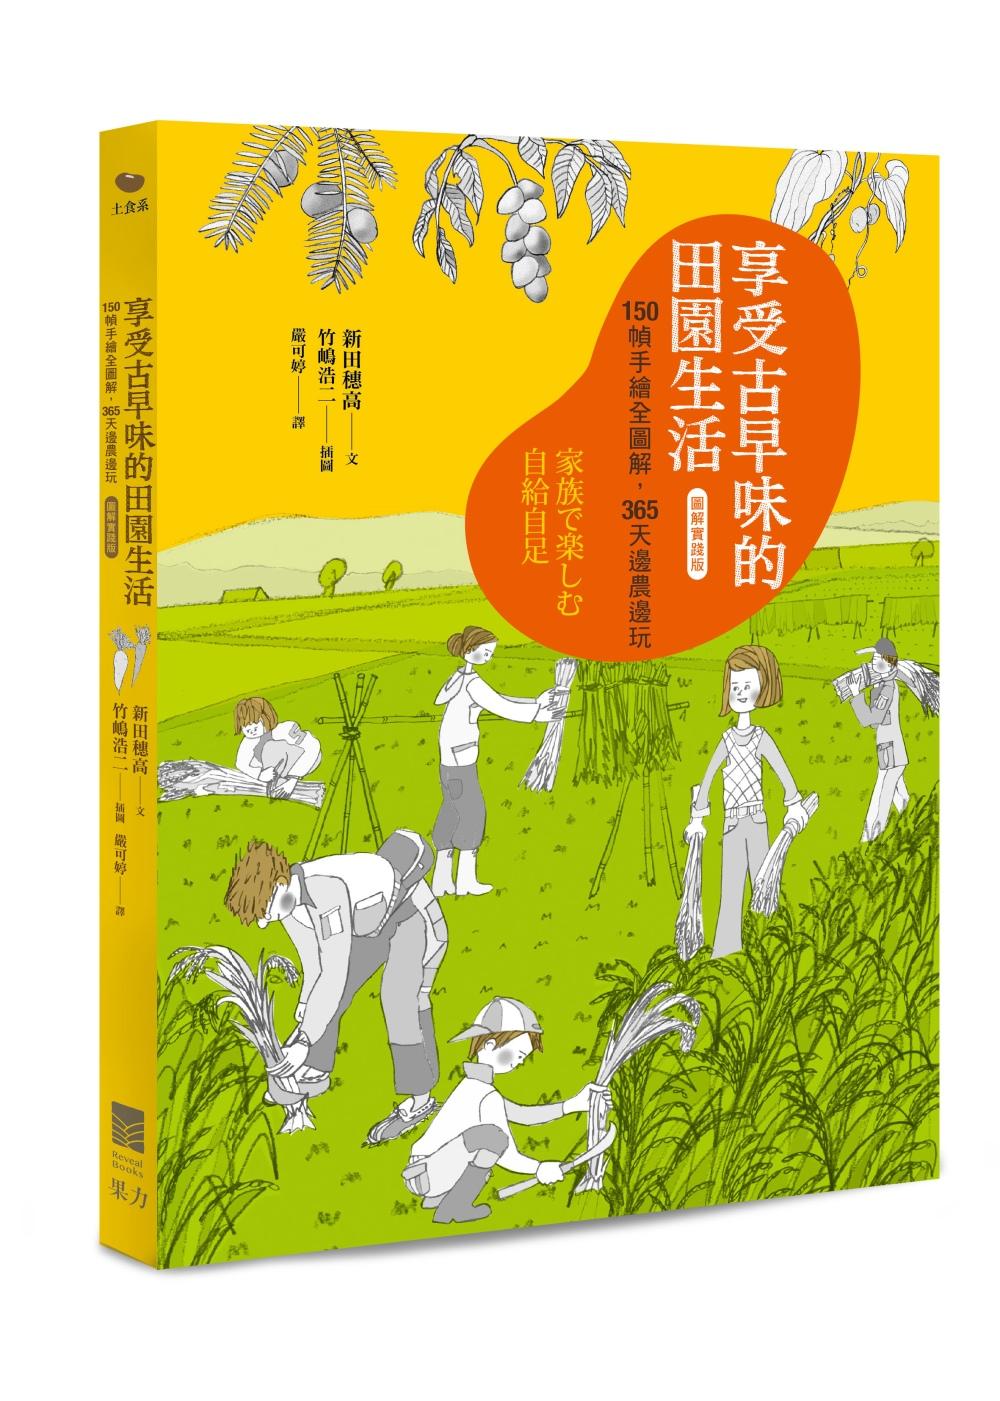 享受古早味的田園生活【圖解實踐版】:150 幀手繪全圖解,365 天邊農邊玩